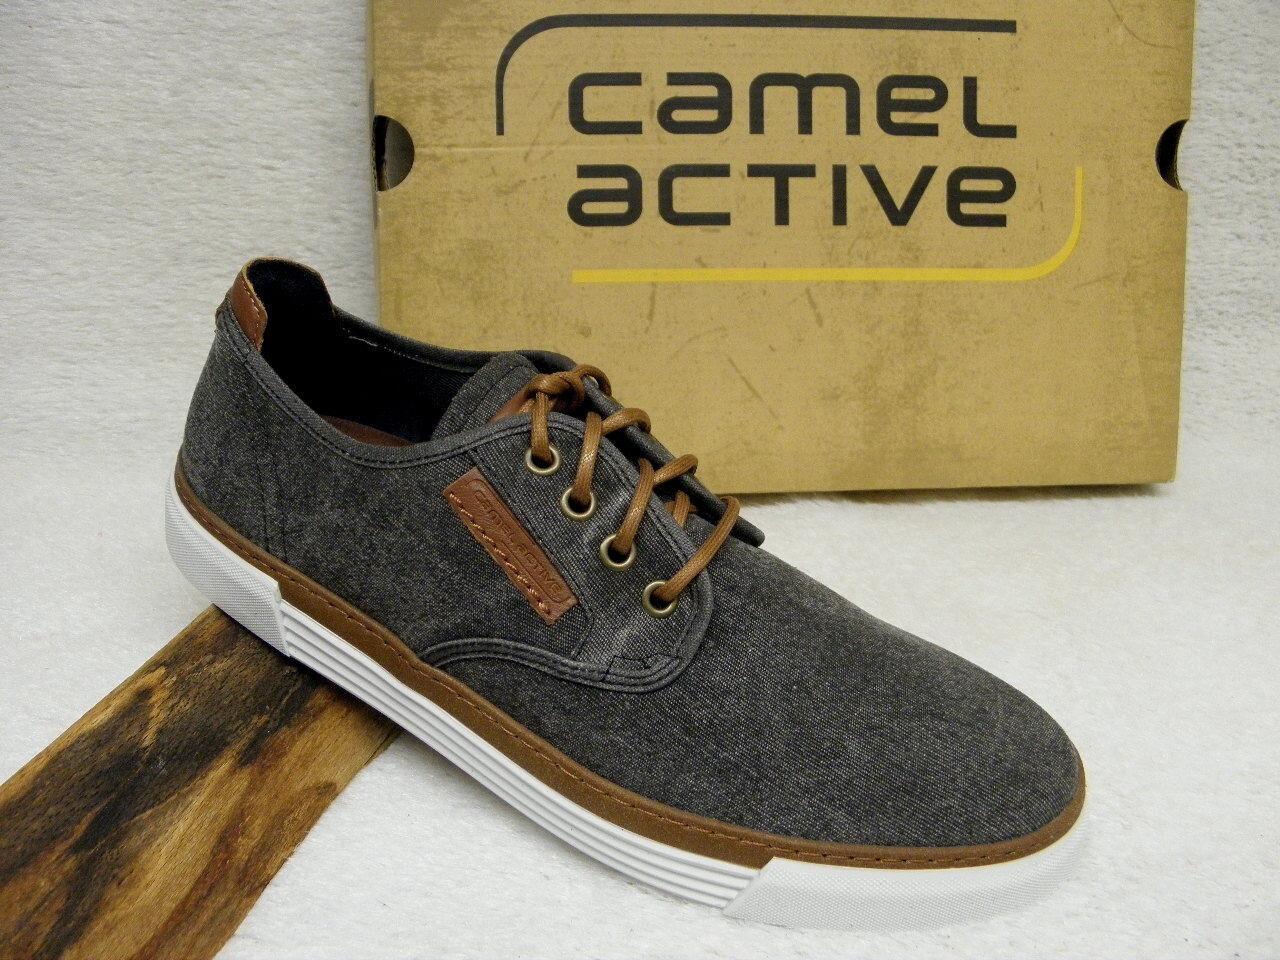 Camel Active ® Réduit jusqu 'ici  Racket (c36)